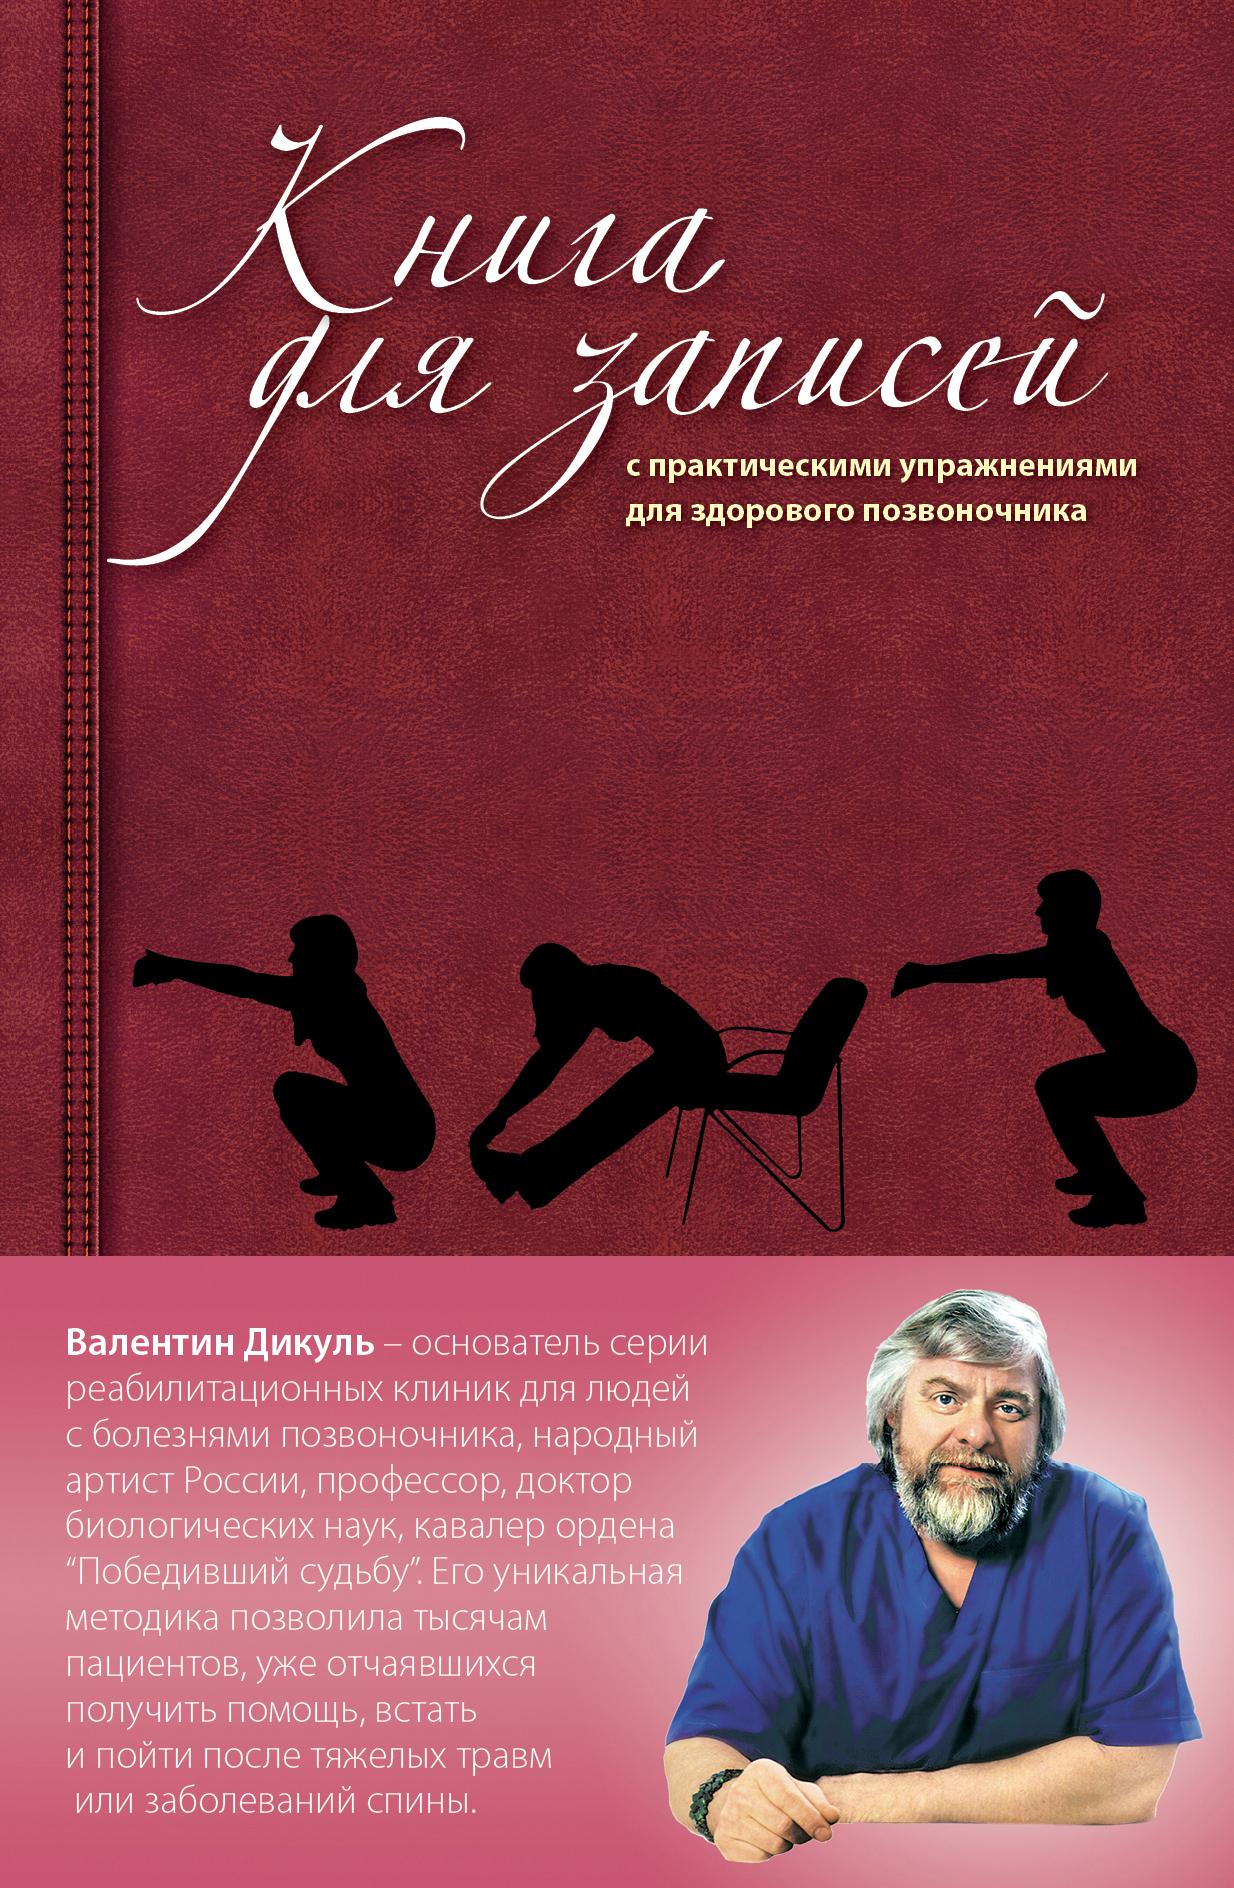 Дикуль В.И. Книга для записей с практическими упражнениями для здорового позвоночника (оформление 2) дикуль в книга для записей с практическими упражнениями для здорового позвоночника